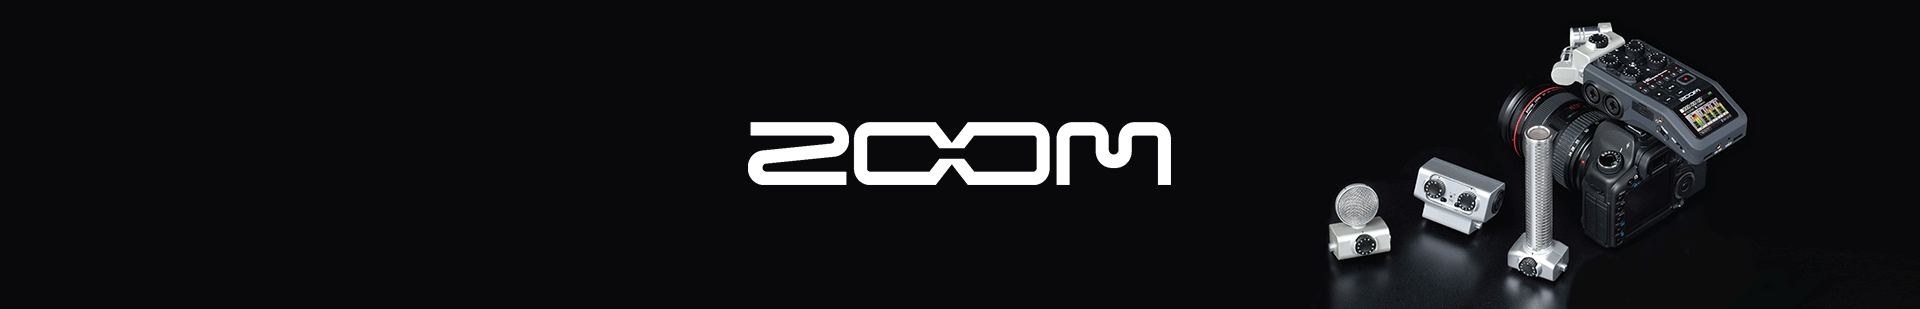 Zoom Audio Recorders